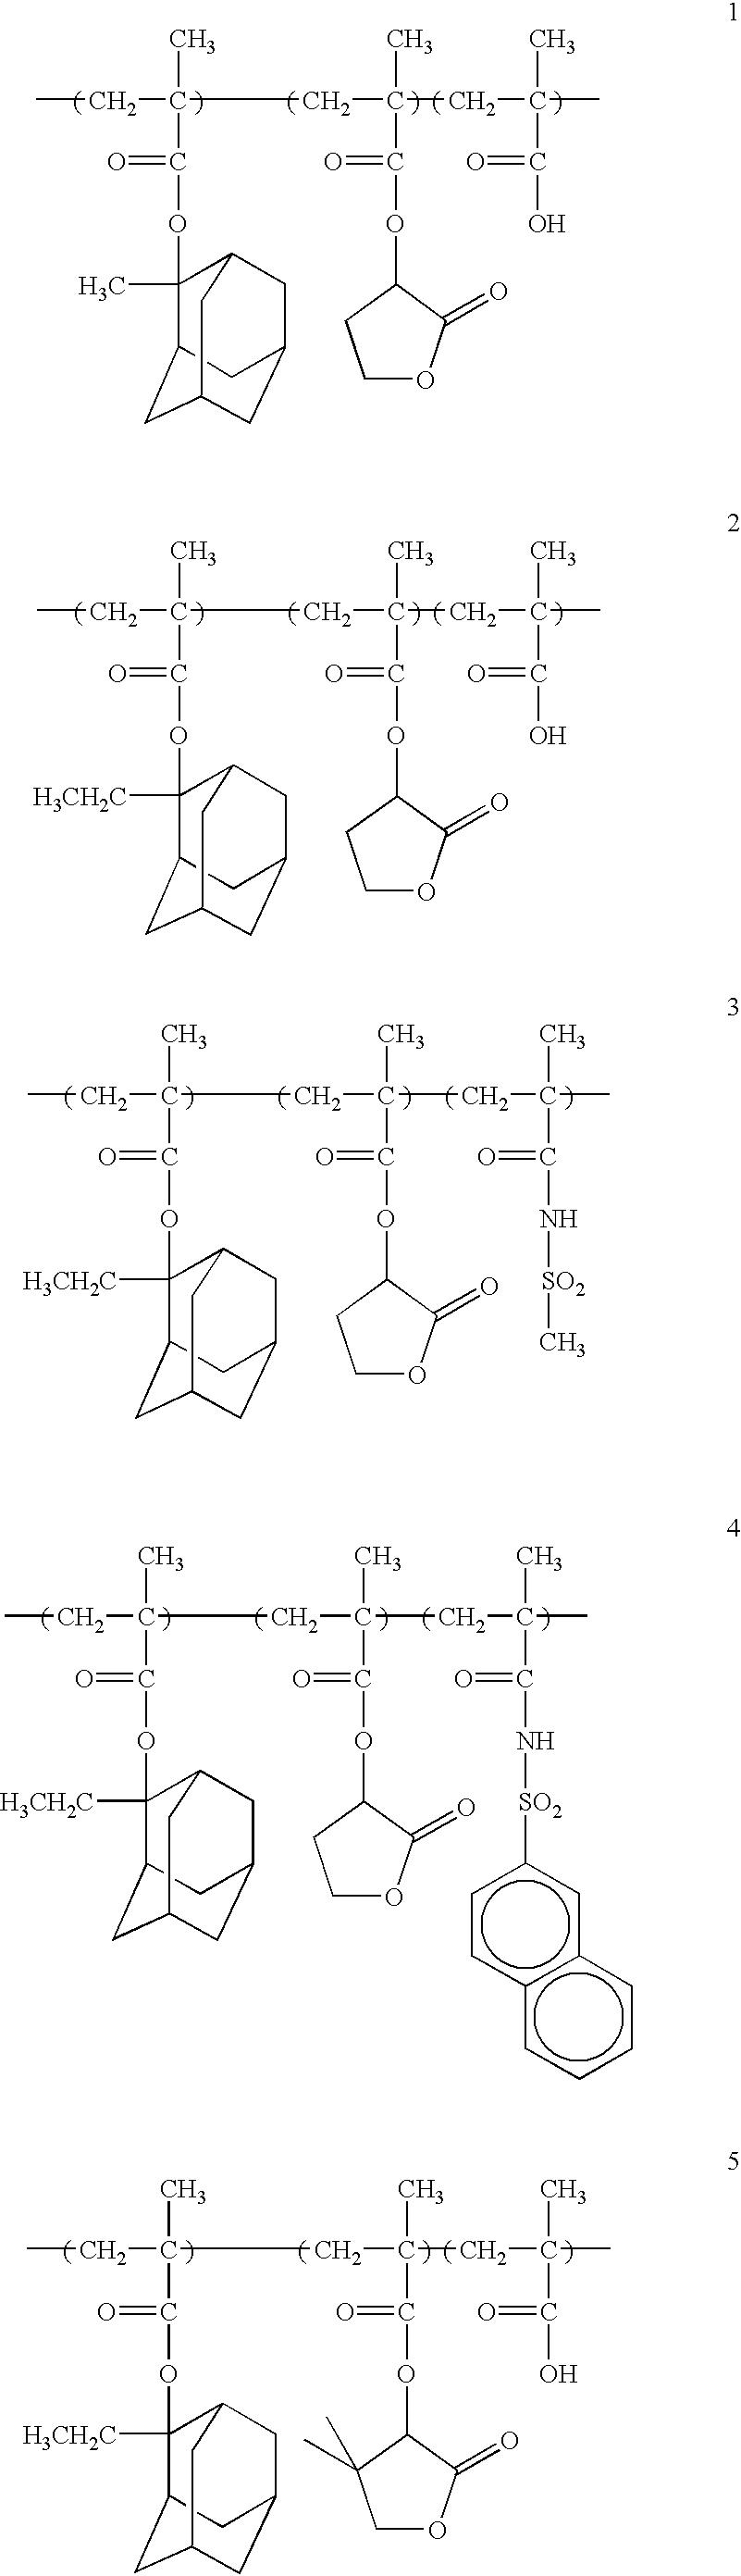 Figure US06596458-20030722-C00050